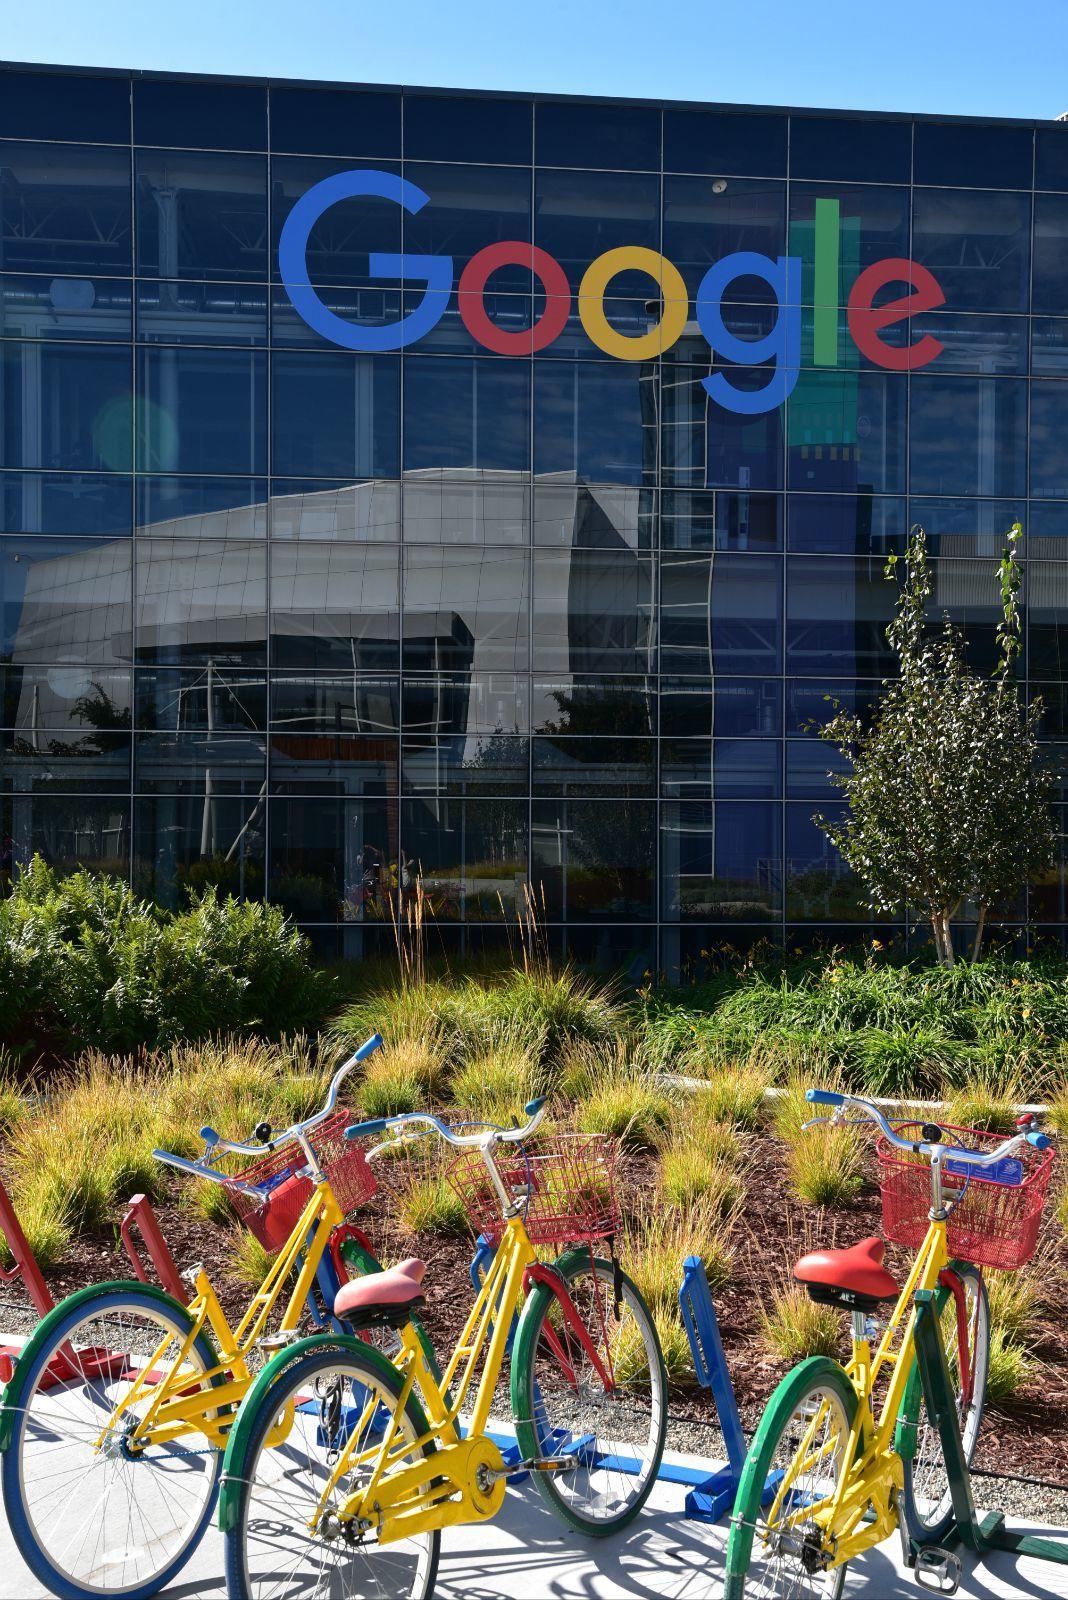 美国真是有地皮啊 谷歌总部